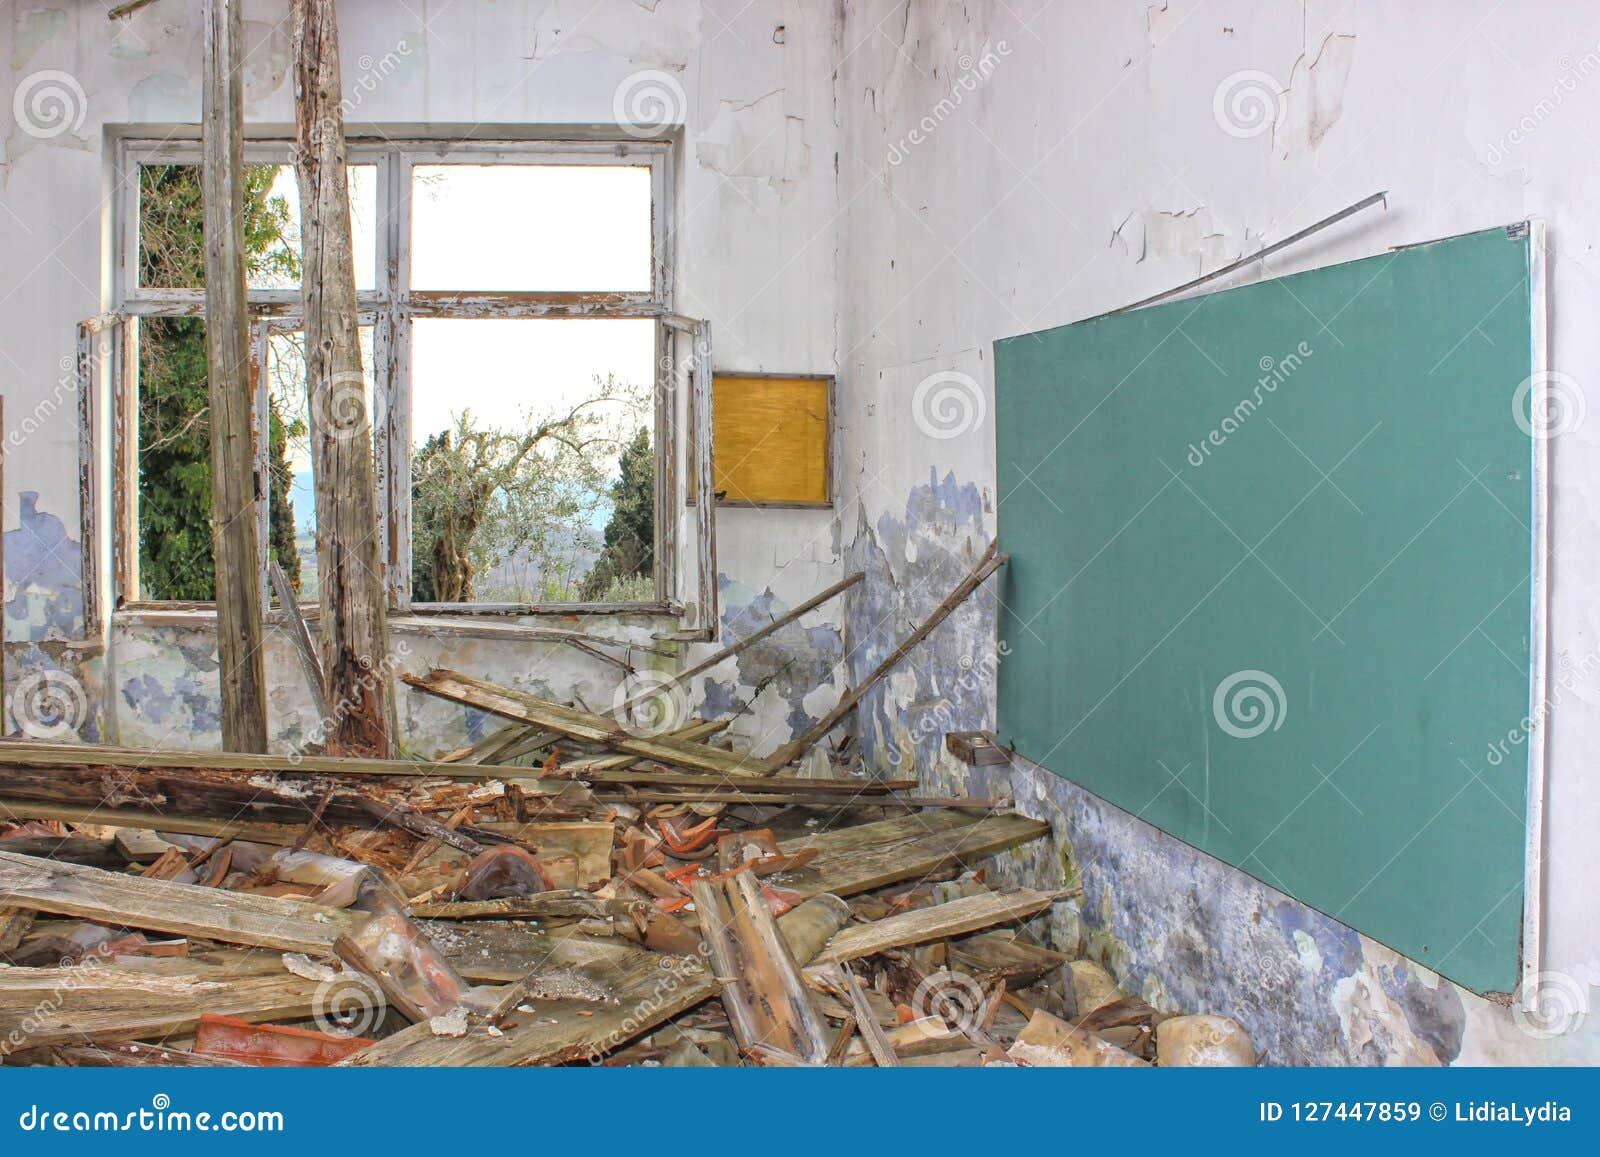 Drastisches Bild der vergessenen, zerstörten, verlassenen Schule